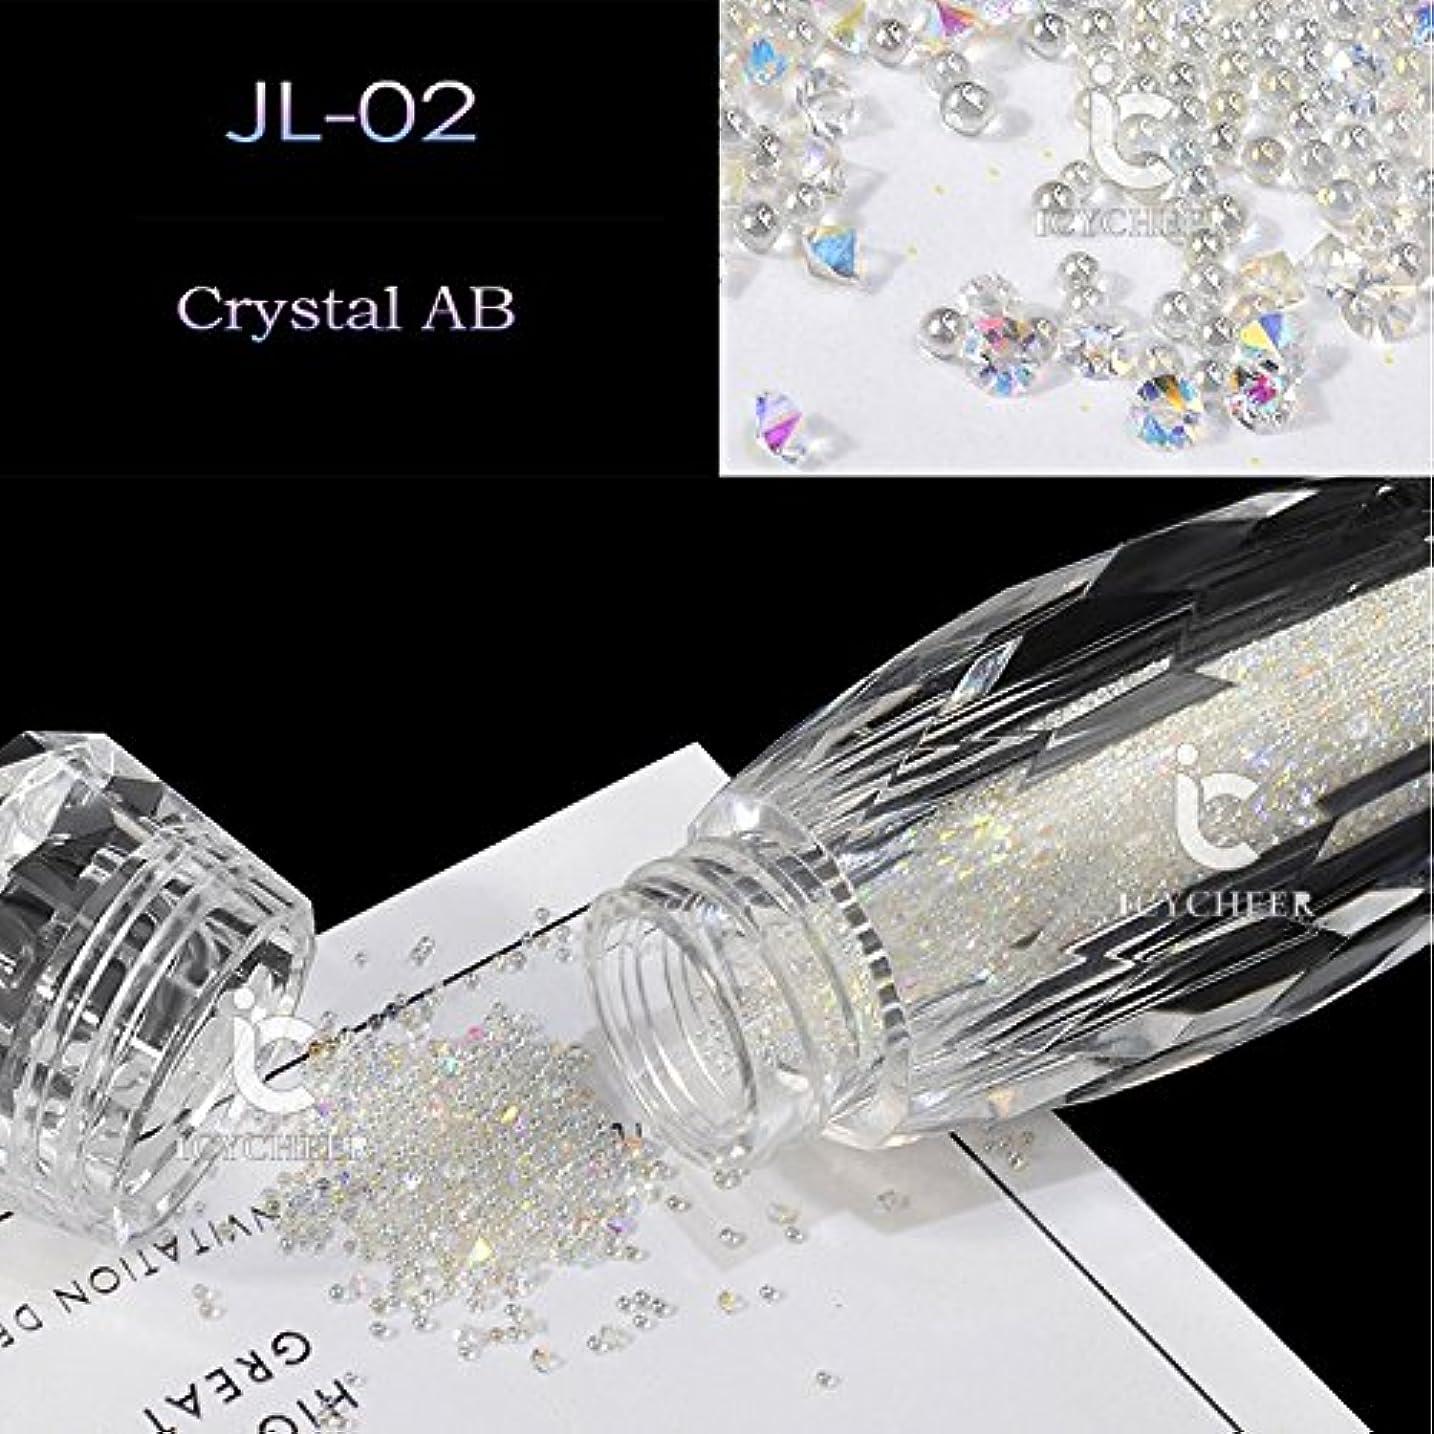 独裁者観点ハプニングICYCHEERネイルグリッターABクリスタルガラスマイクロネイルアート眩しいキャビアビーズ3Dピクシーマーメイドネイルのヒントマニキュアデコレーション (JL02)